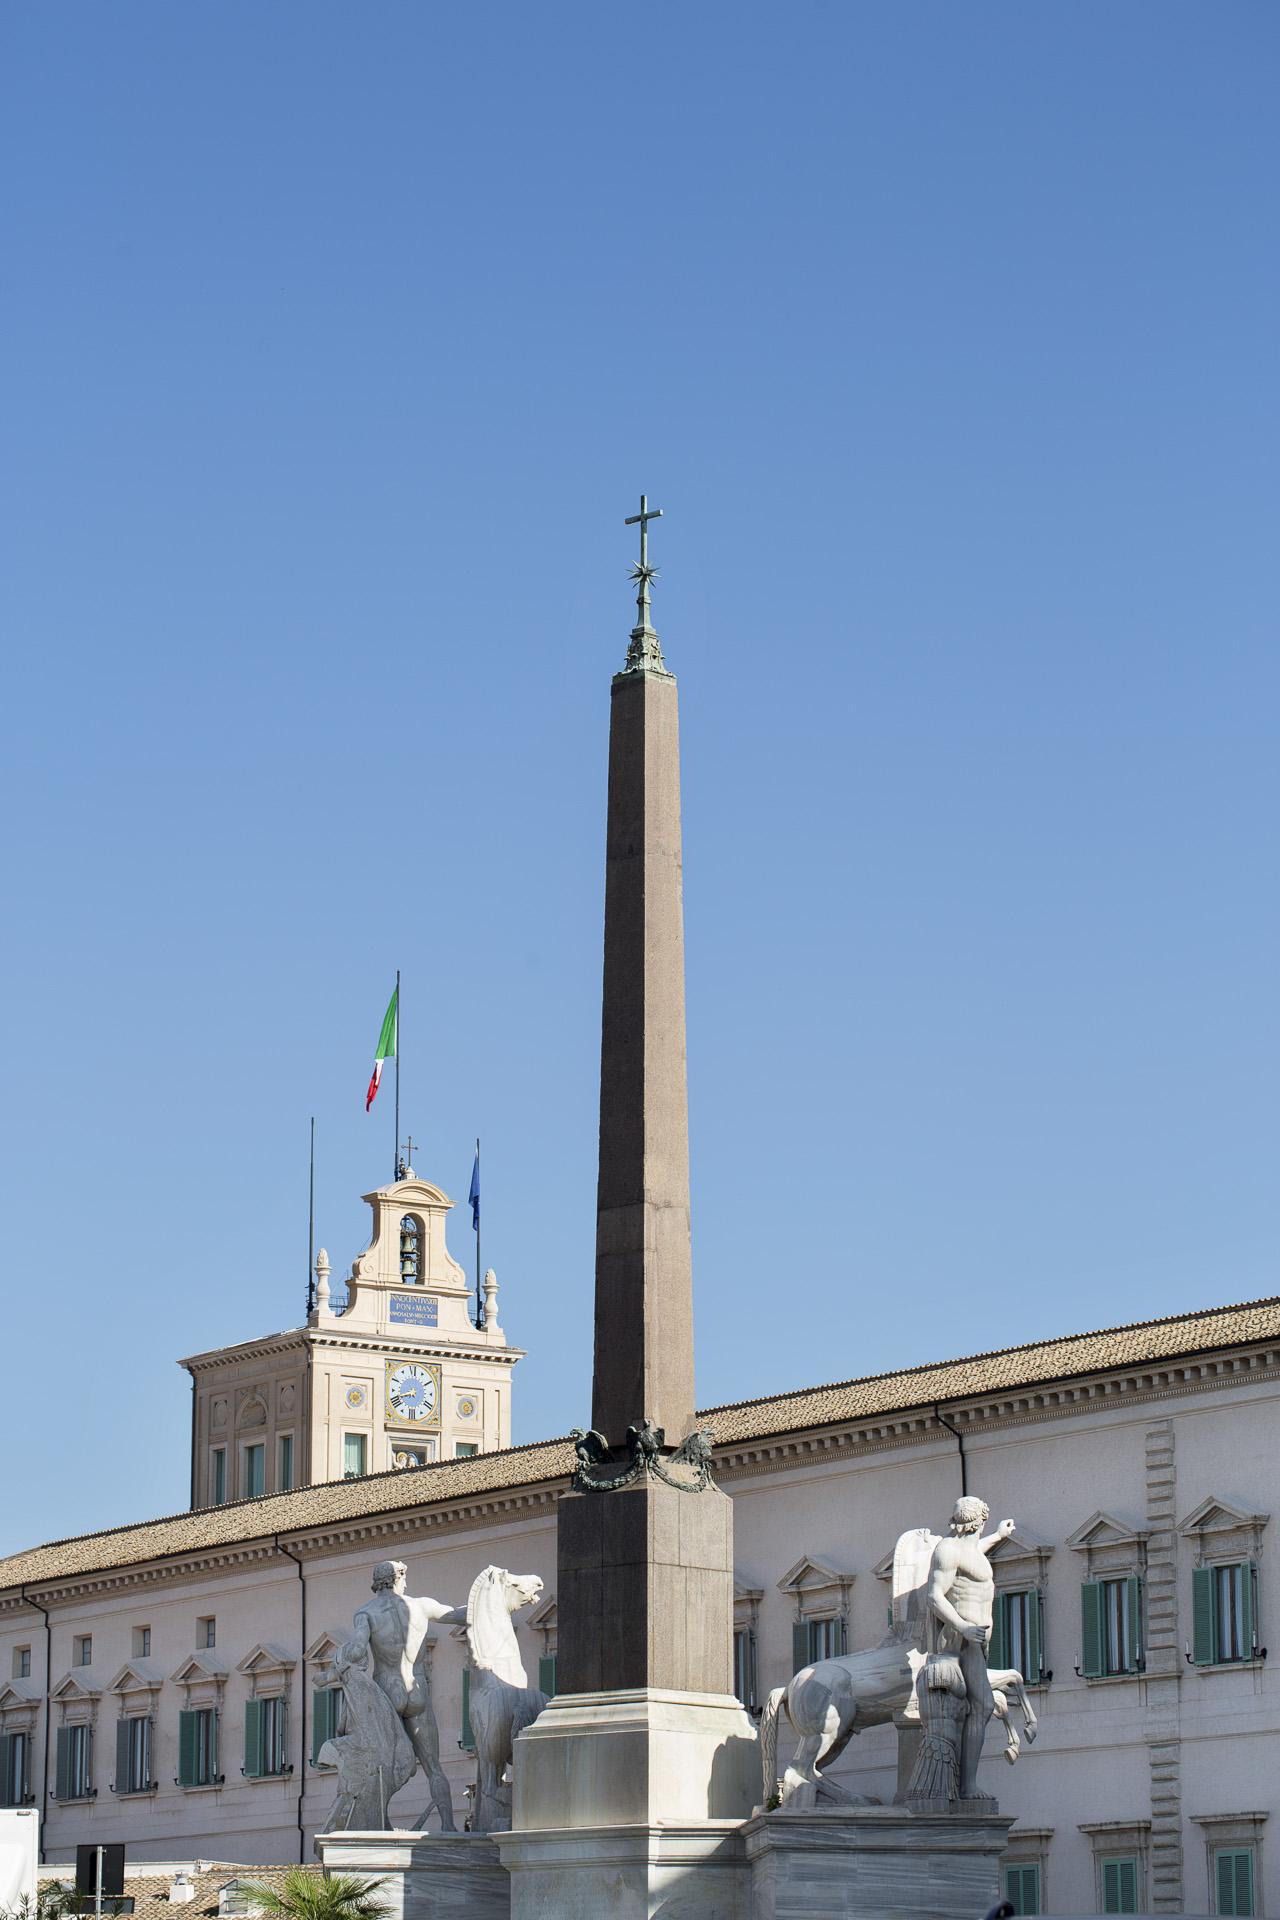 _nf - Roma Quirinale con obelisco